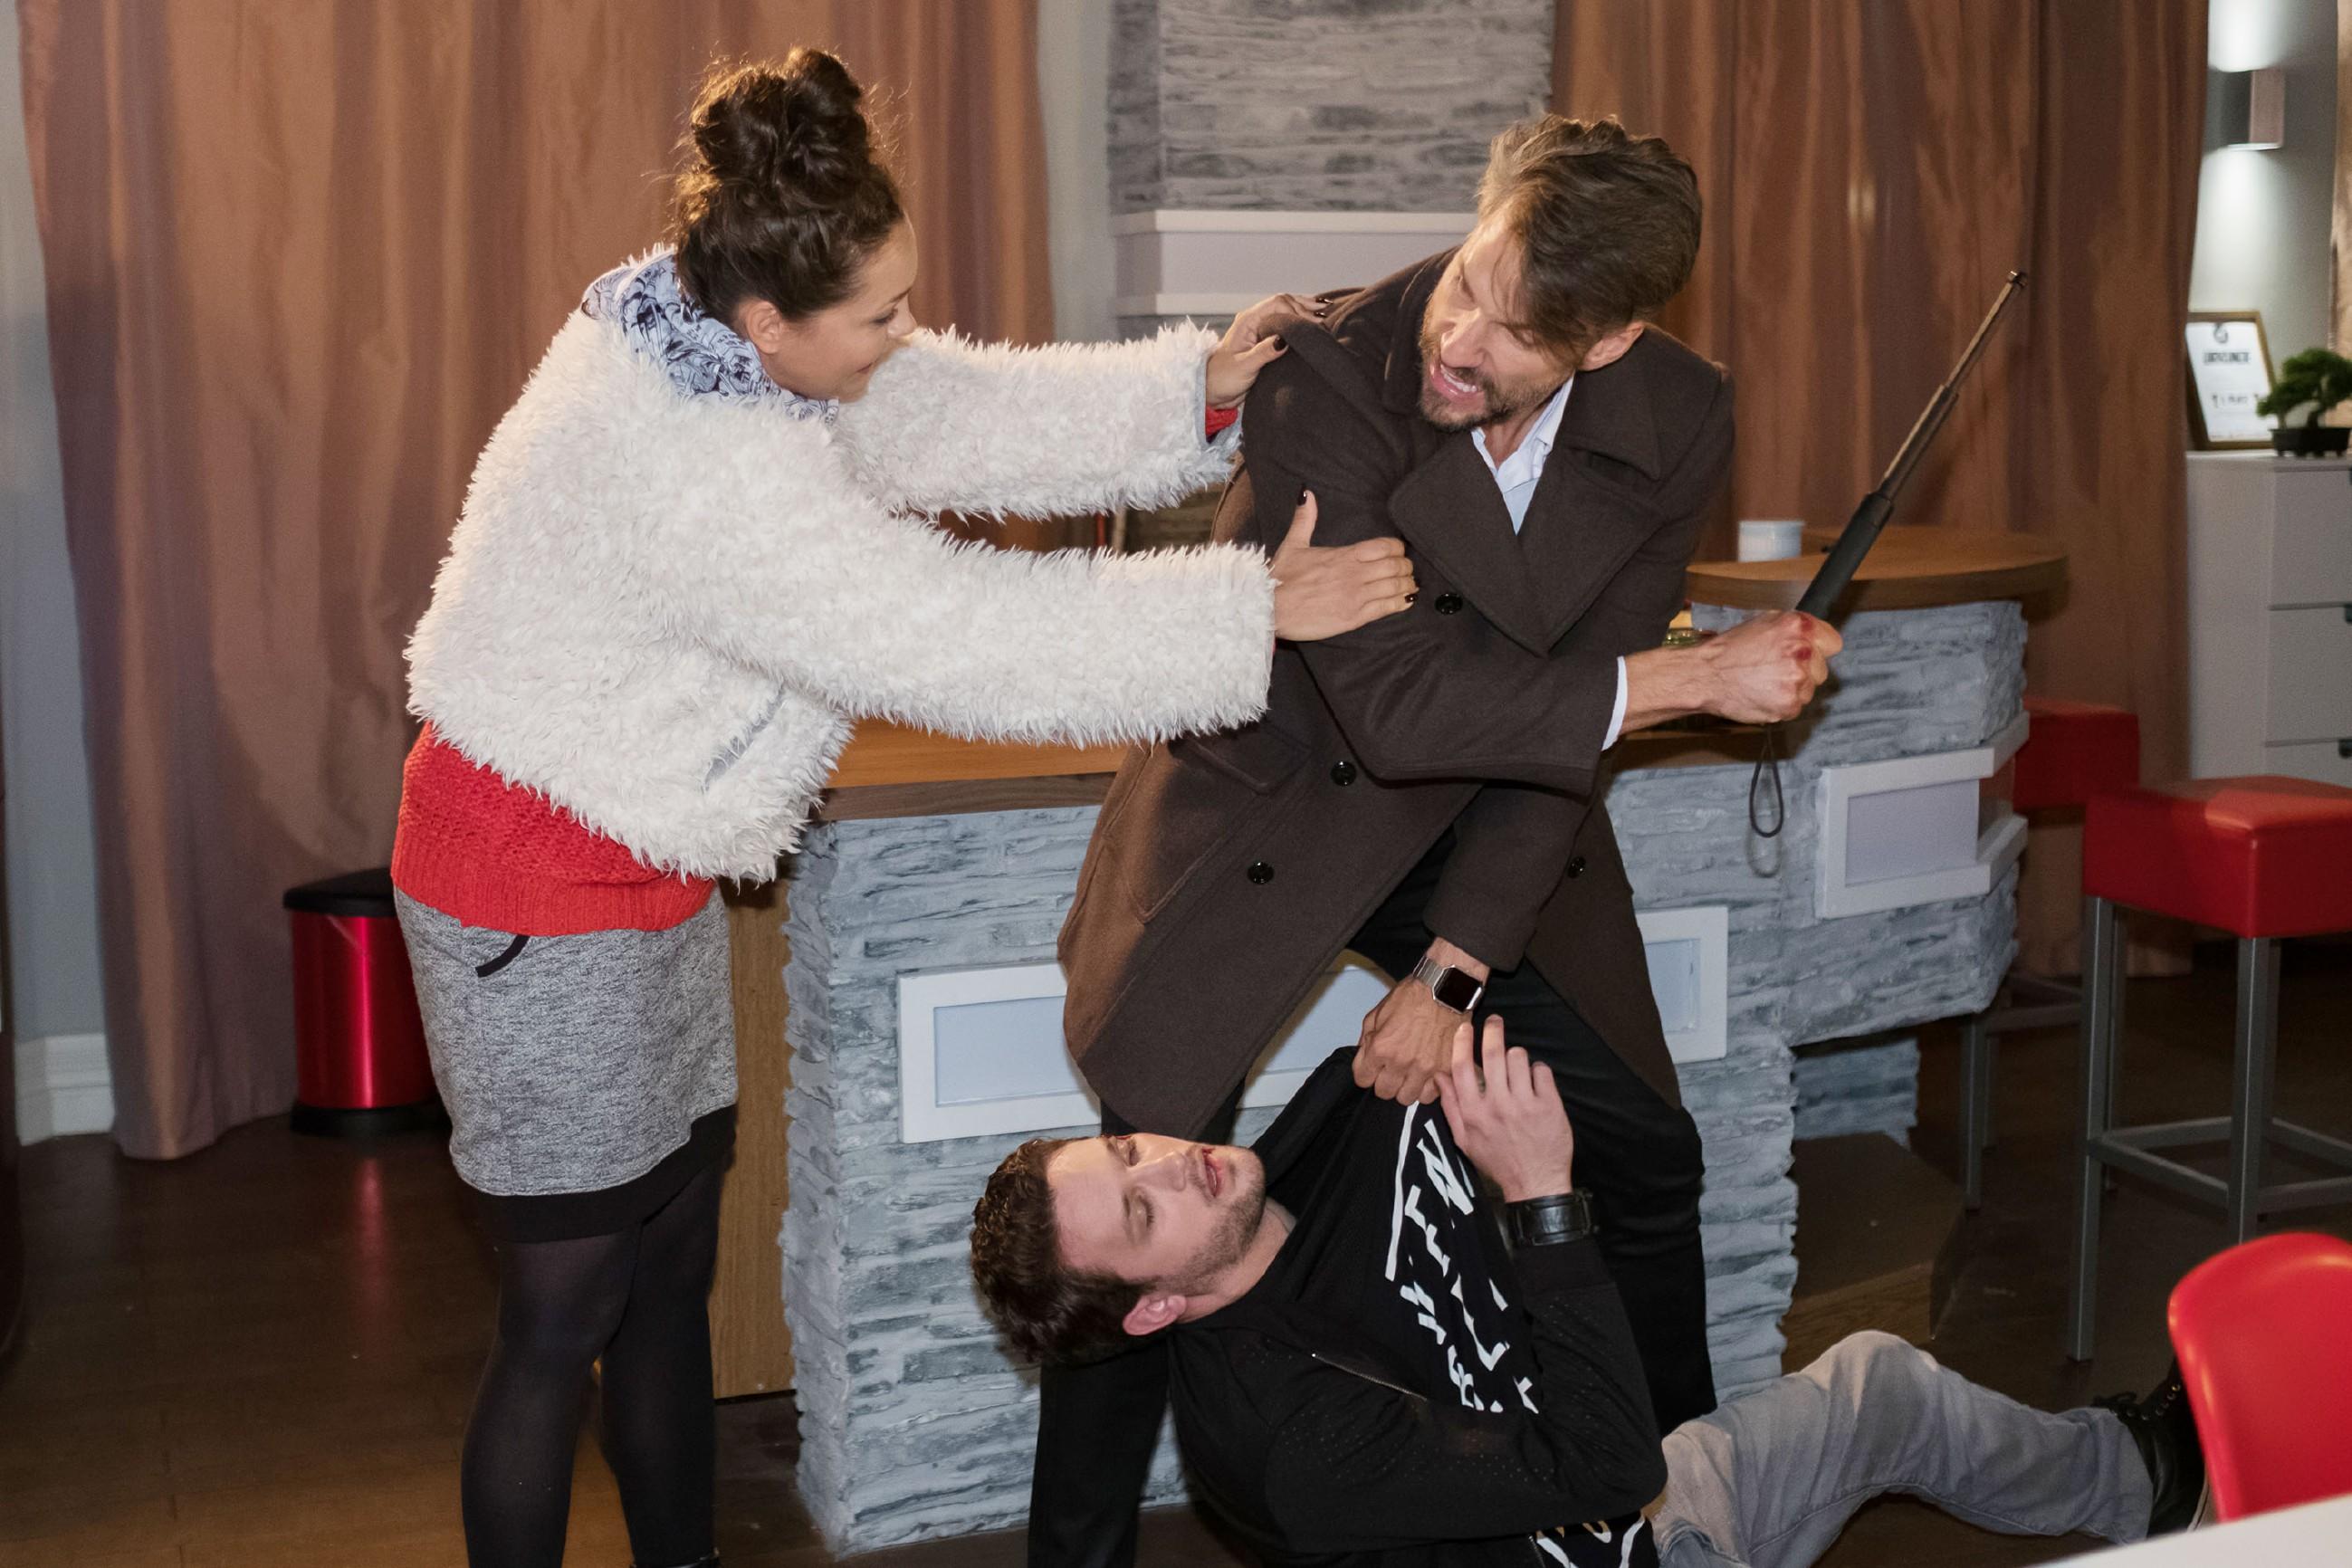 Caro (Ines Kurenbach) versucht Malte (Stefan Bockelmann) in letzter Sekunde davon abzuhalten, einen fatalen Fehler zu begehen und Mario (Arne Rudolf, unten) zu erschlagen... (Quelle: RTL / Stefan Behrens)